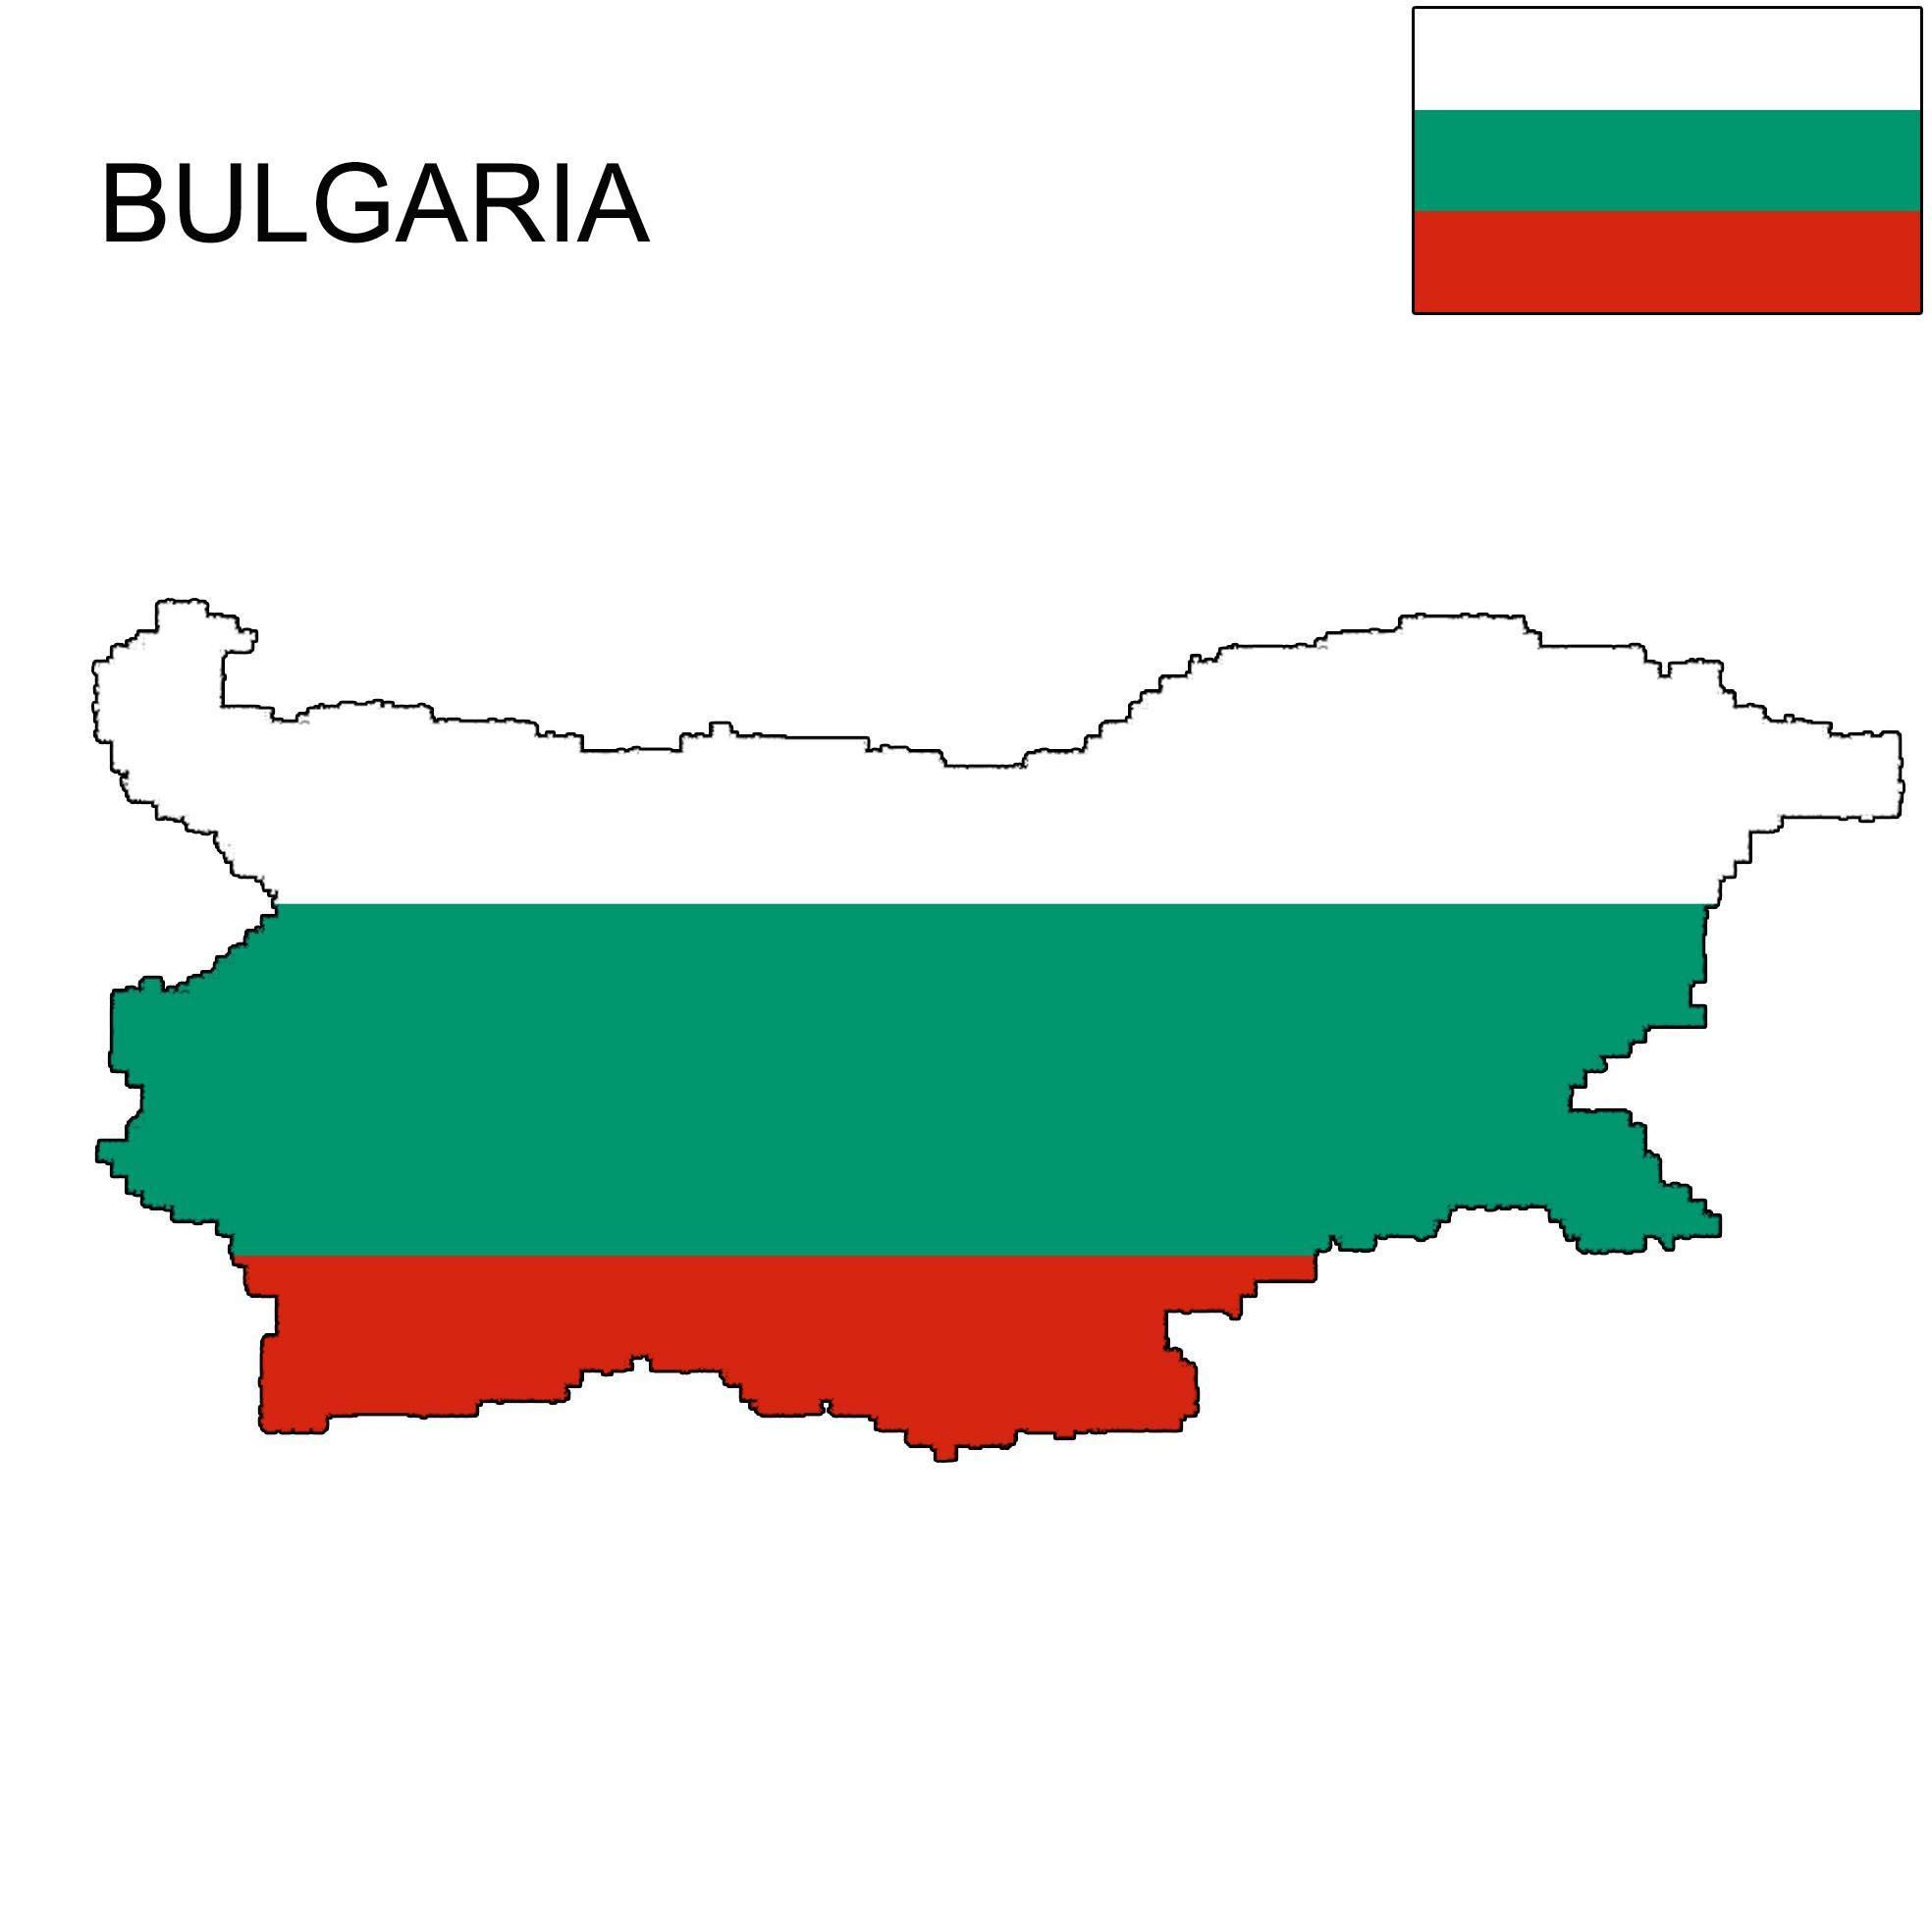 Karta Bugarske zastava - zastava Bugarske kartica (Istočna Europa - Europa)